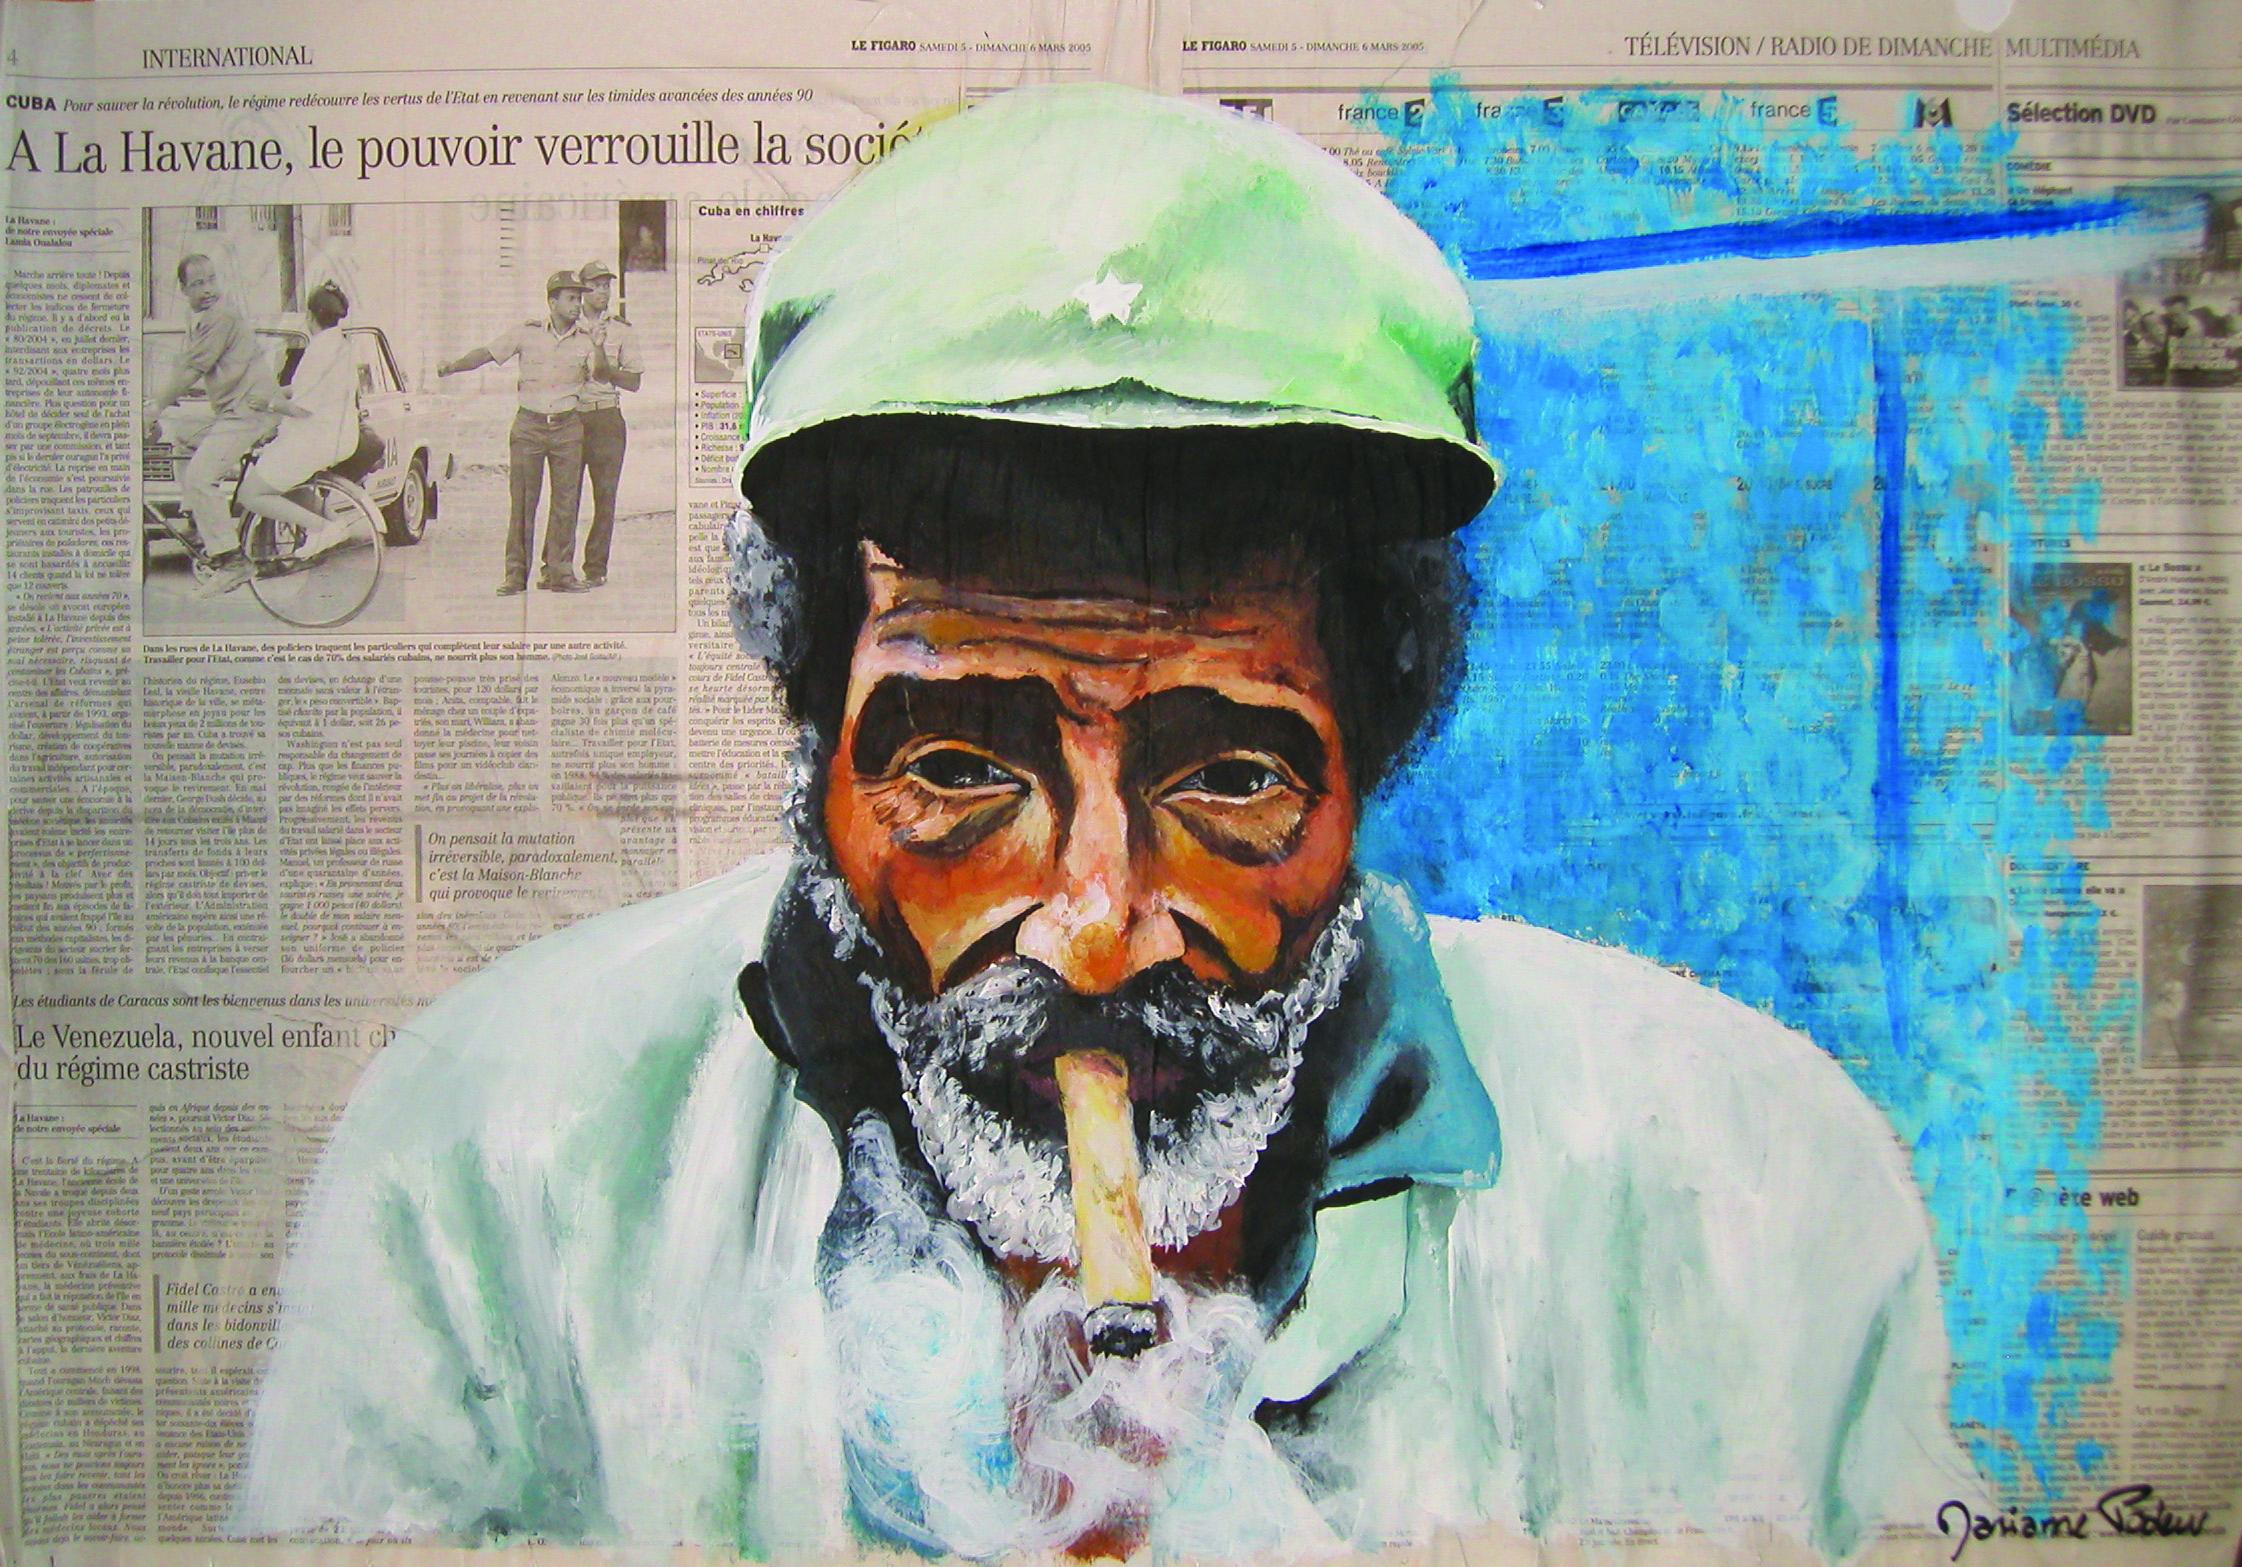 CUBA - El Torcedor